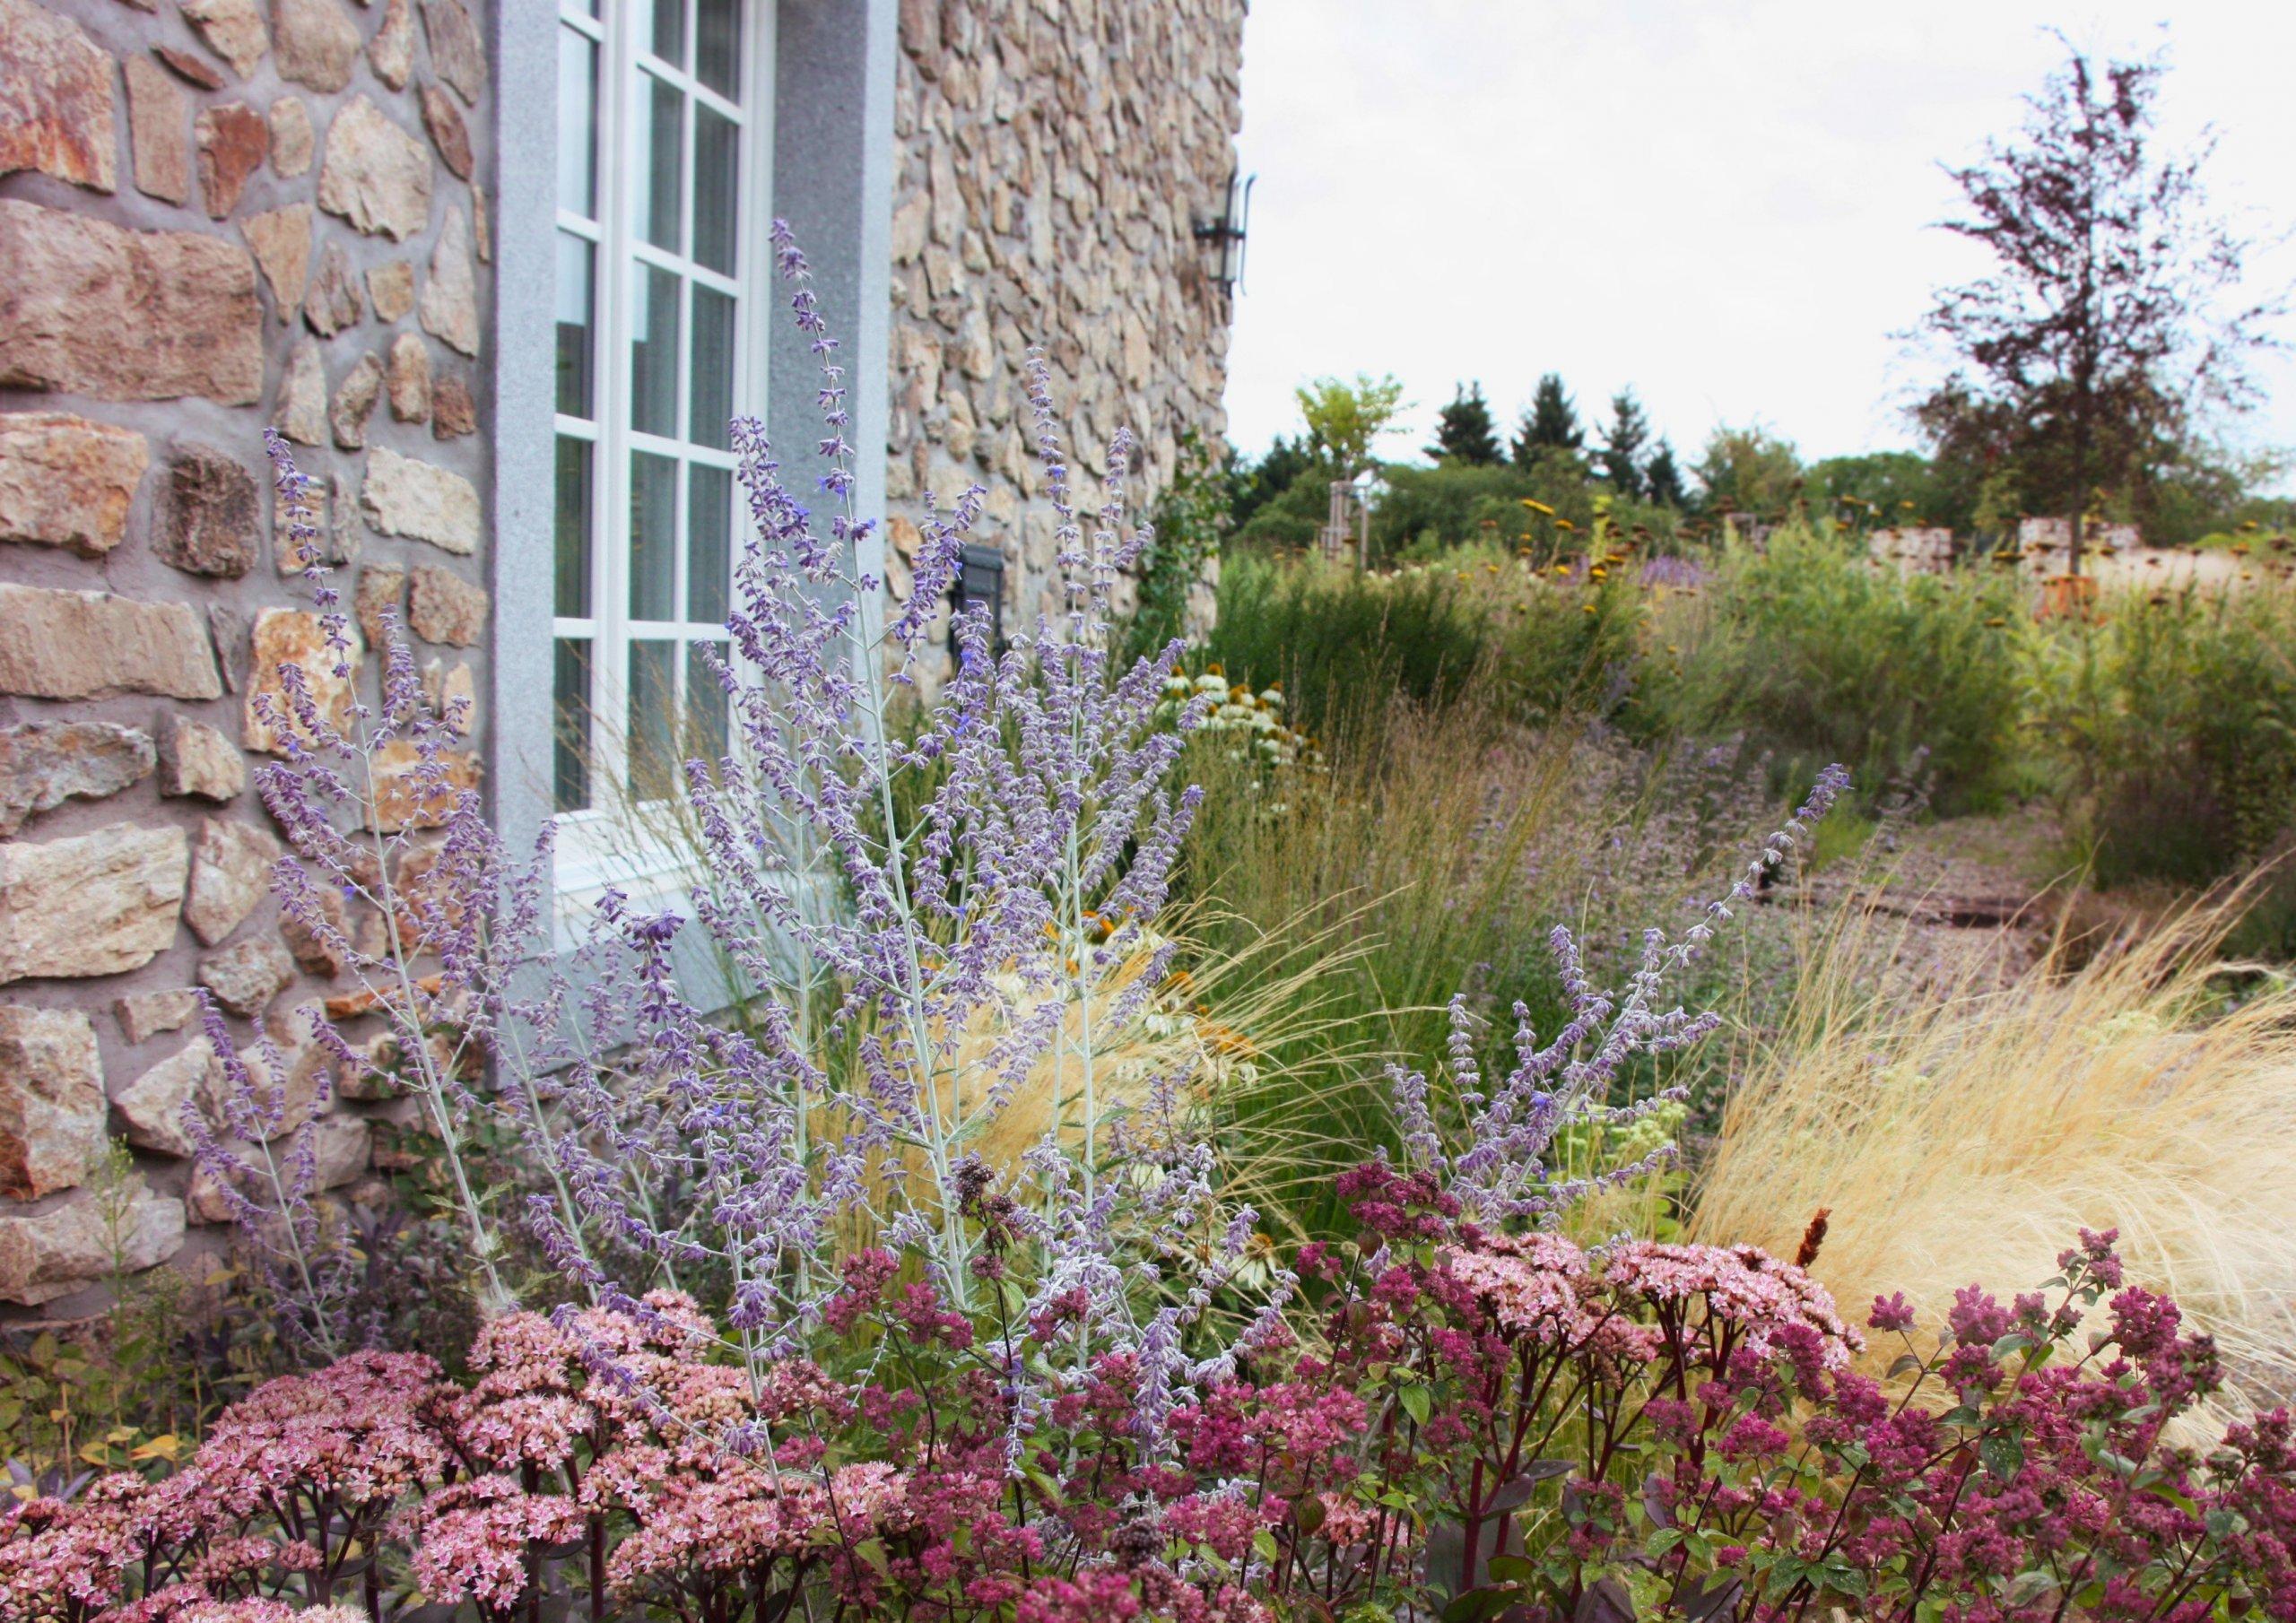 Trvalkové záhony jsou v kontrastu s kamenným pozadím domu.